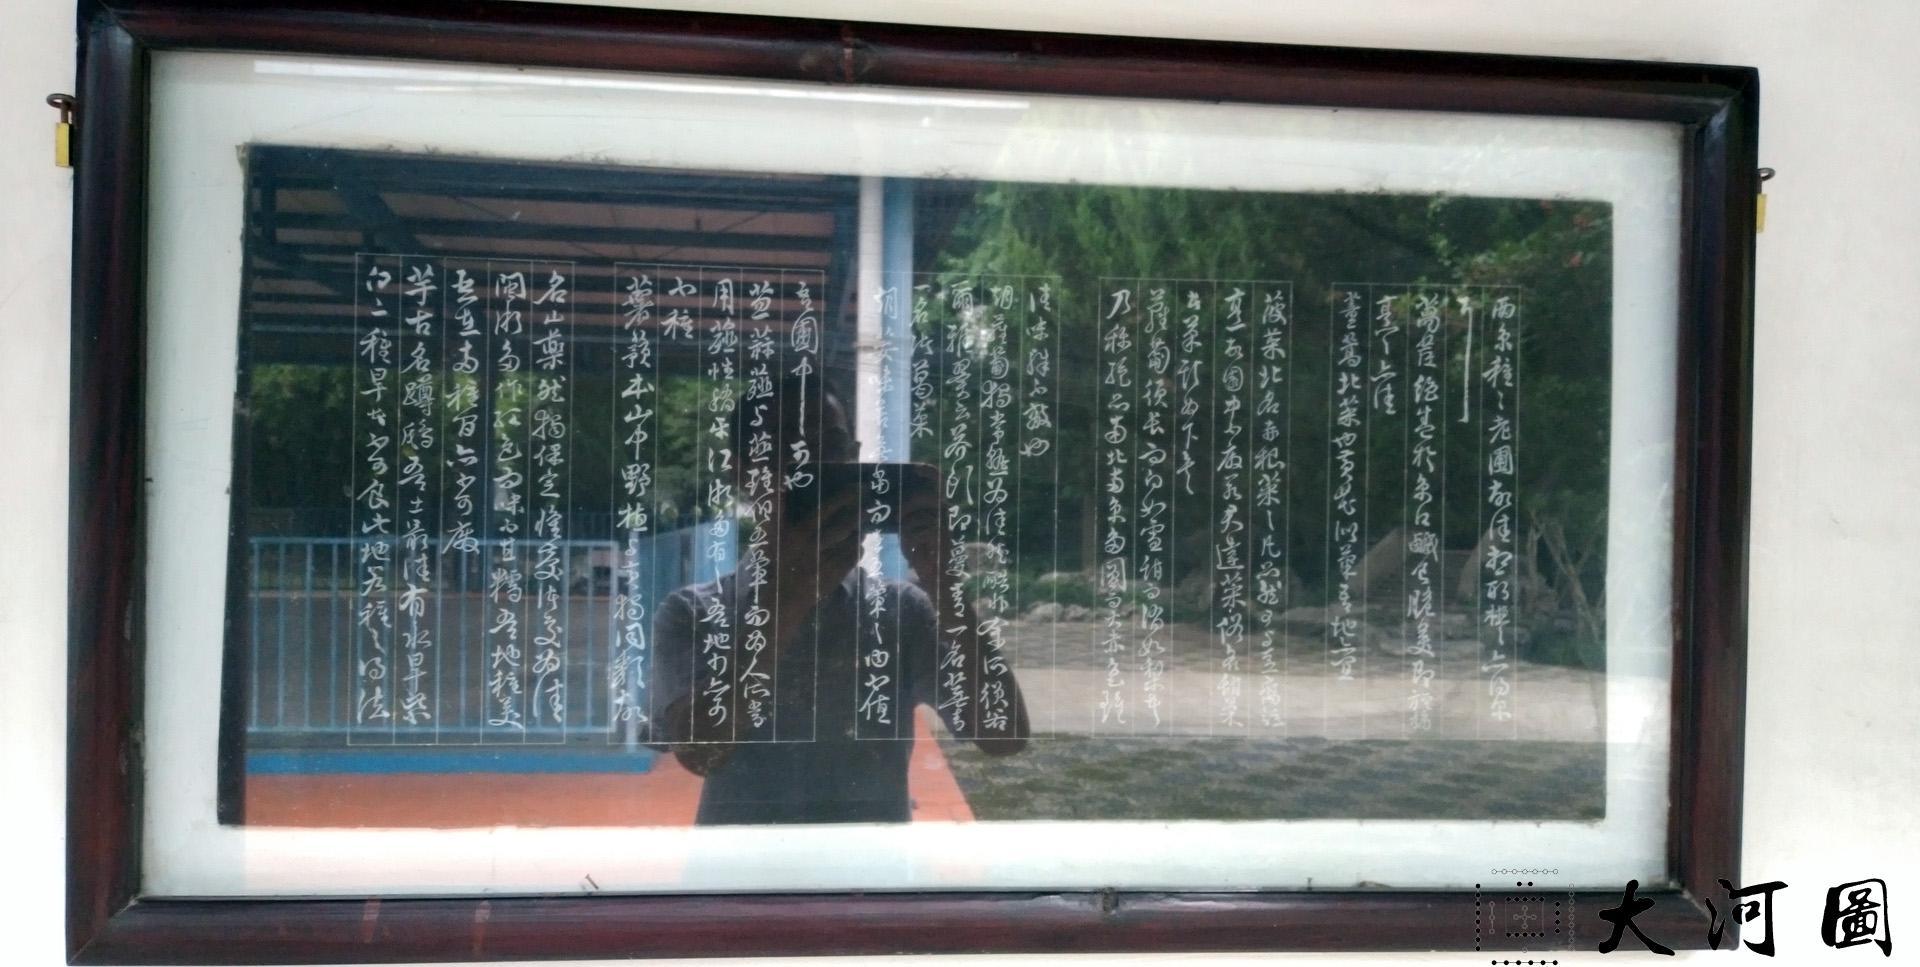 太仓弇山园石刻书法碑 石狮子 墨妙亭 这里是太仓 摄影 第24张